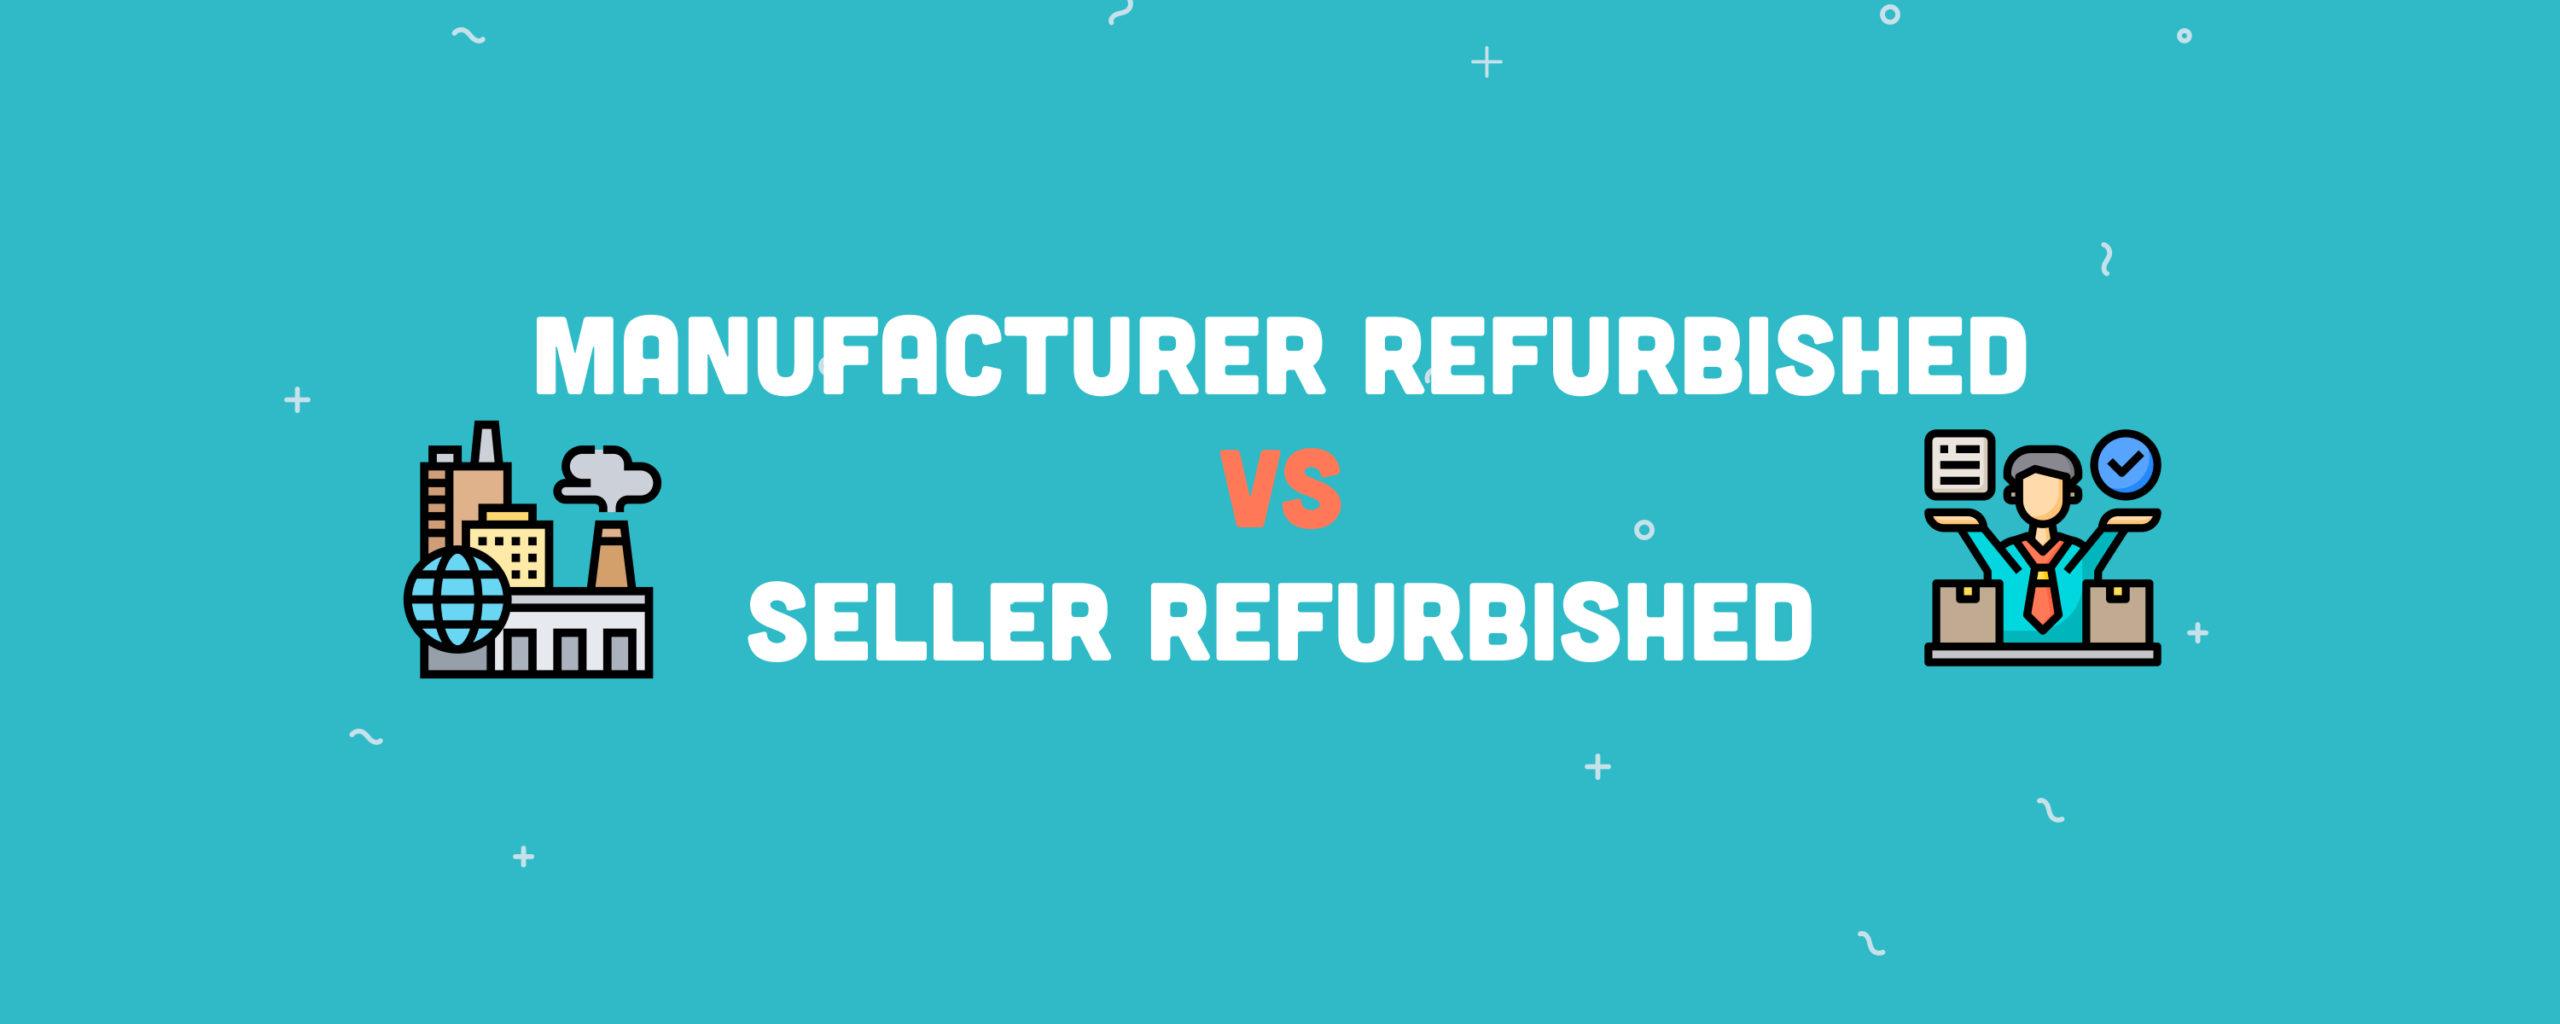 Manufacturer Refurbished VS Seller Refurbished: What Does It Mean?